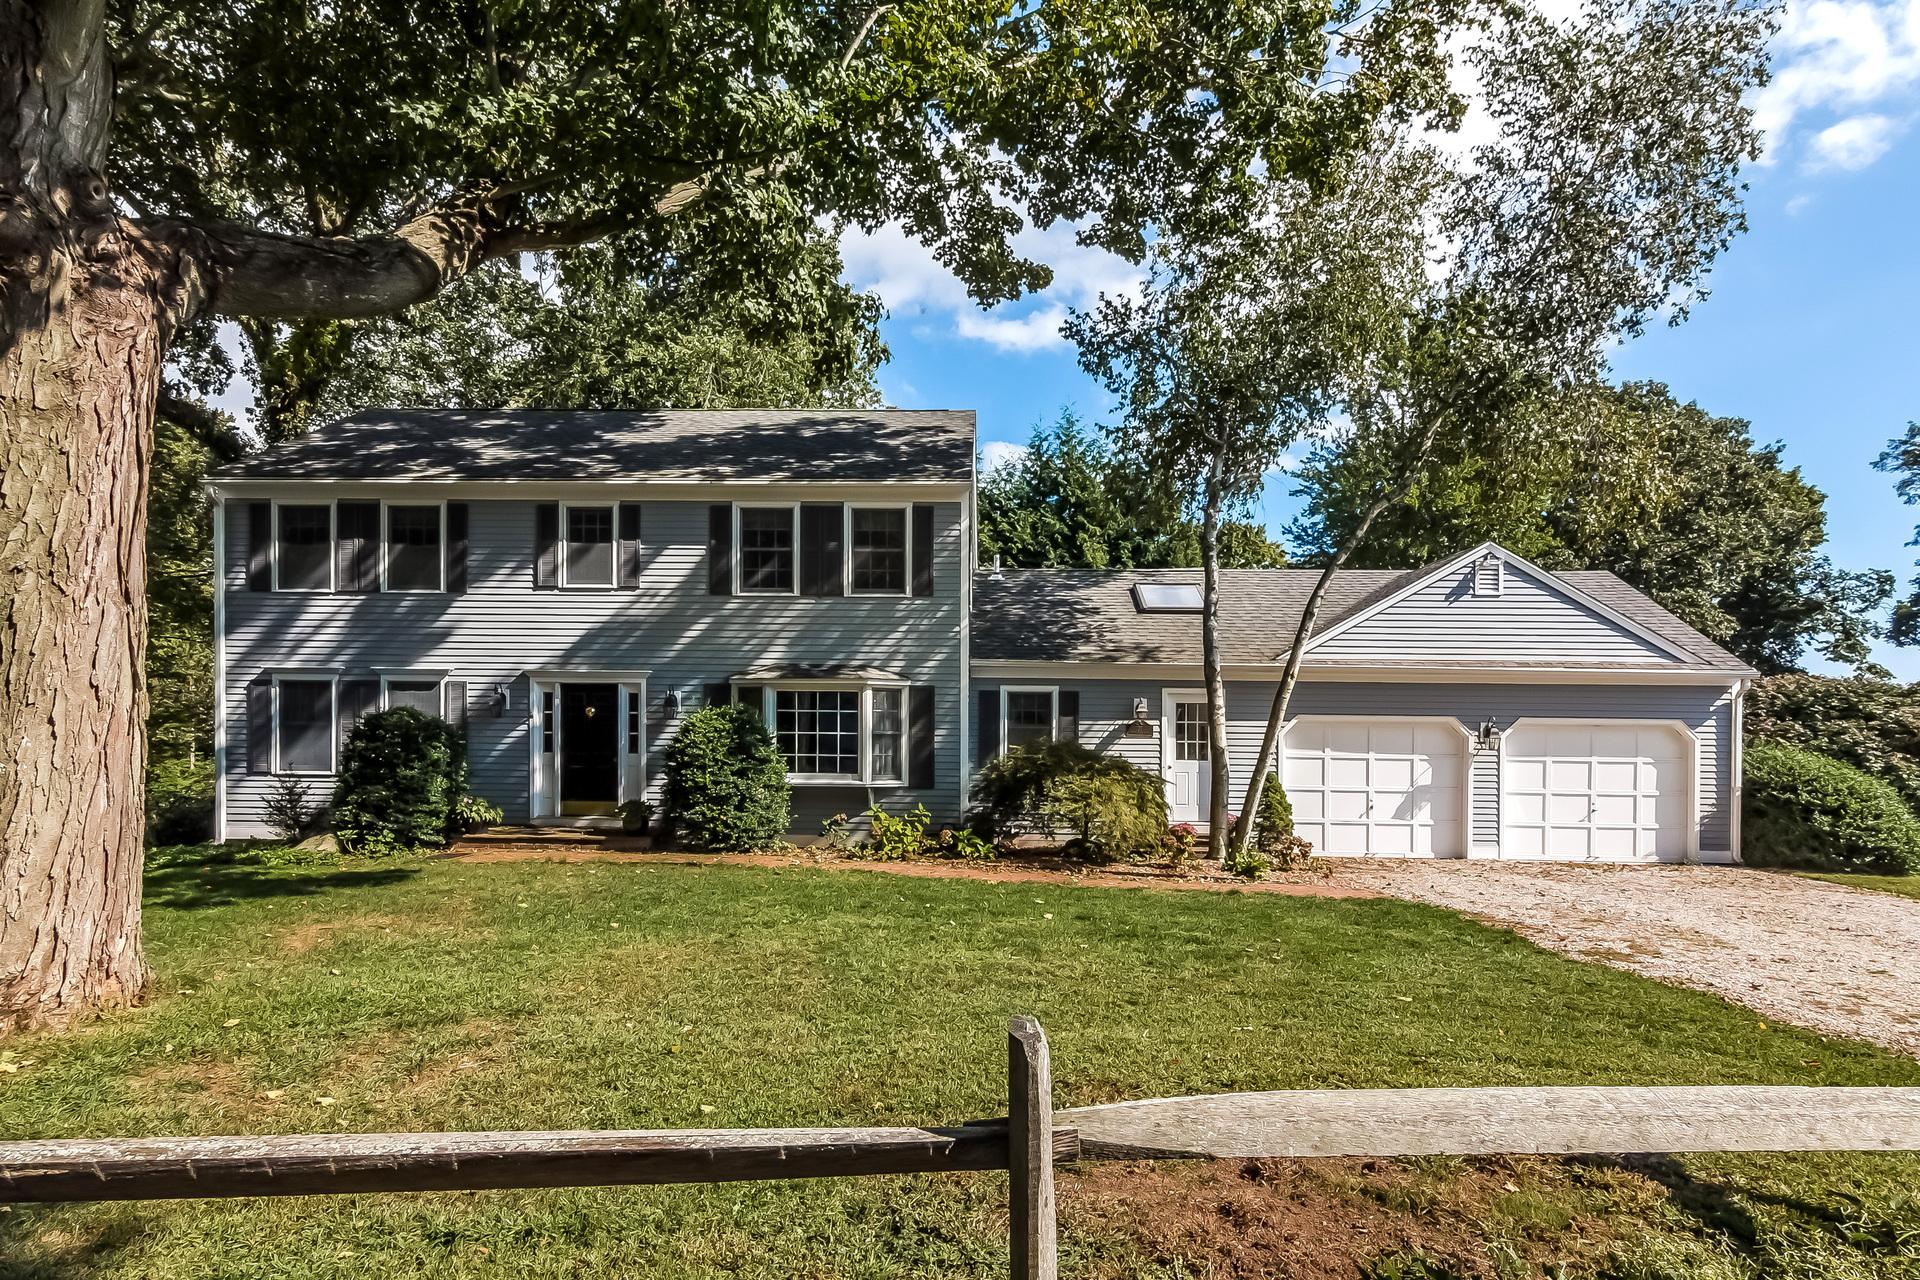 Maison unifamiliale pour l Vente à 27 Hotchkiss Ln Madison, Connecticut, 06443 États-Unis